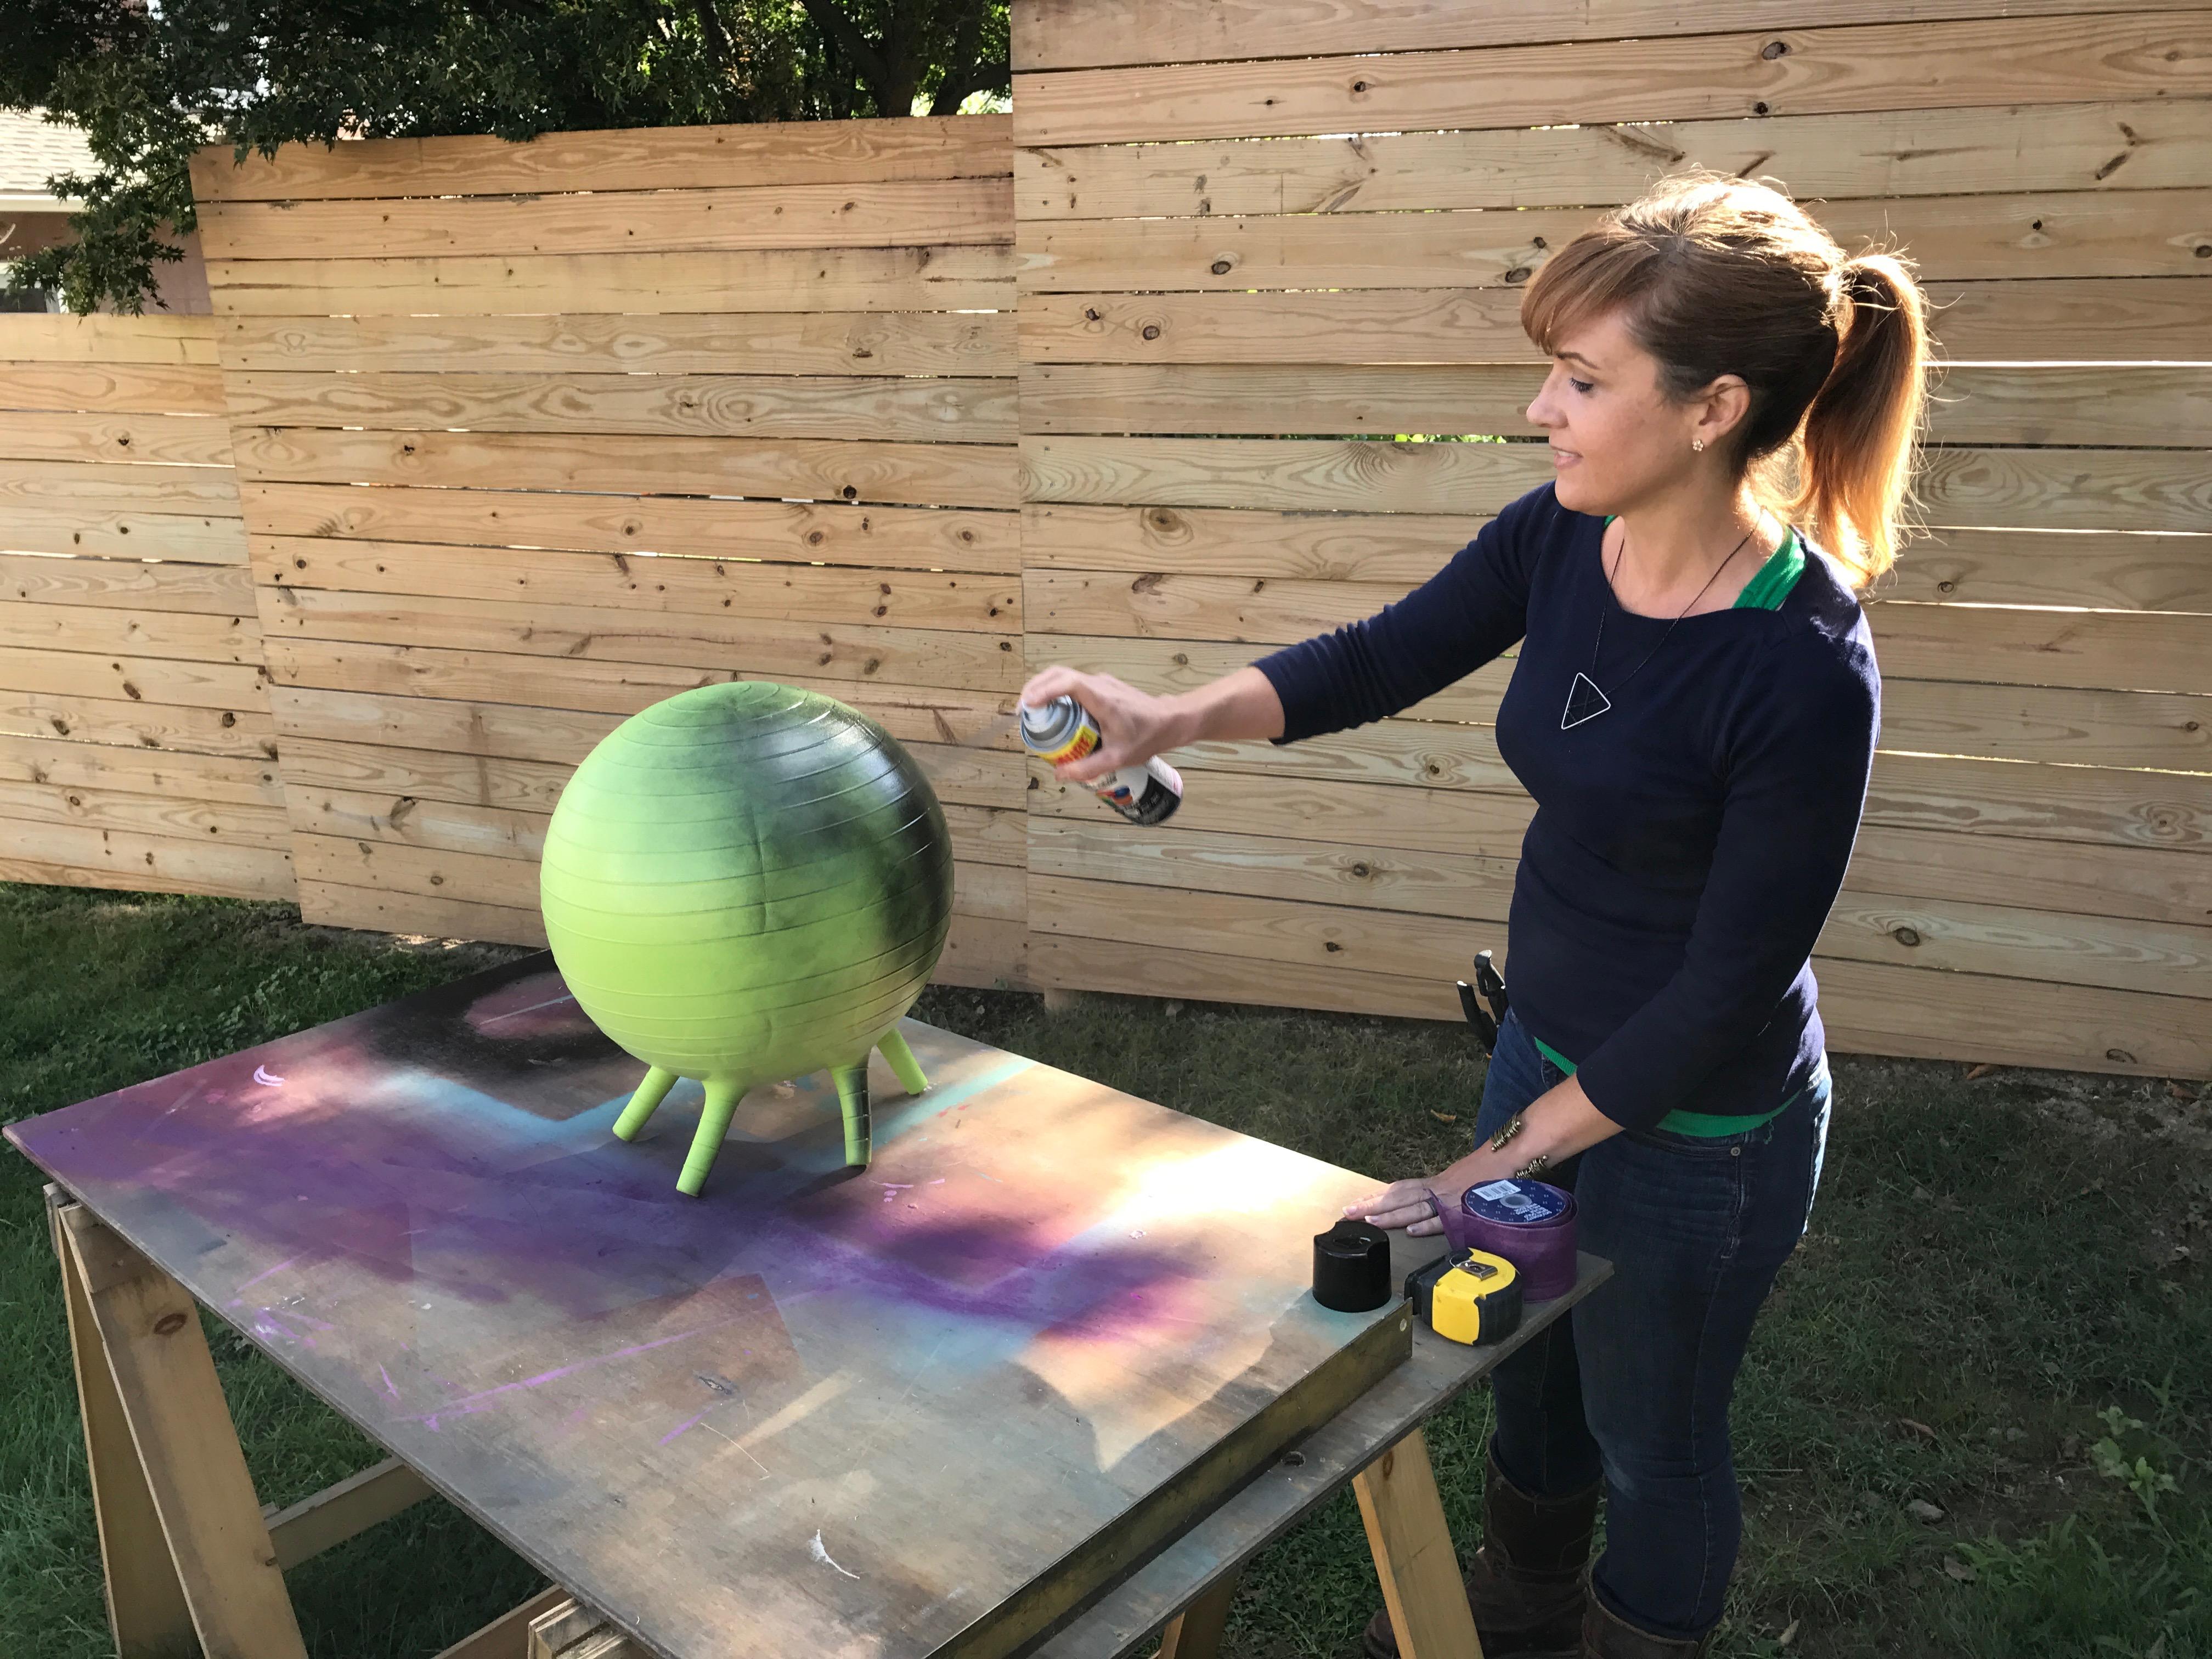 9 Clement_Krylon_MyFixitUpLife_supplies Halloween paint ball